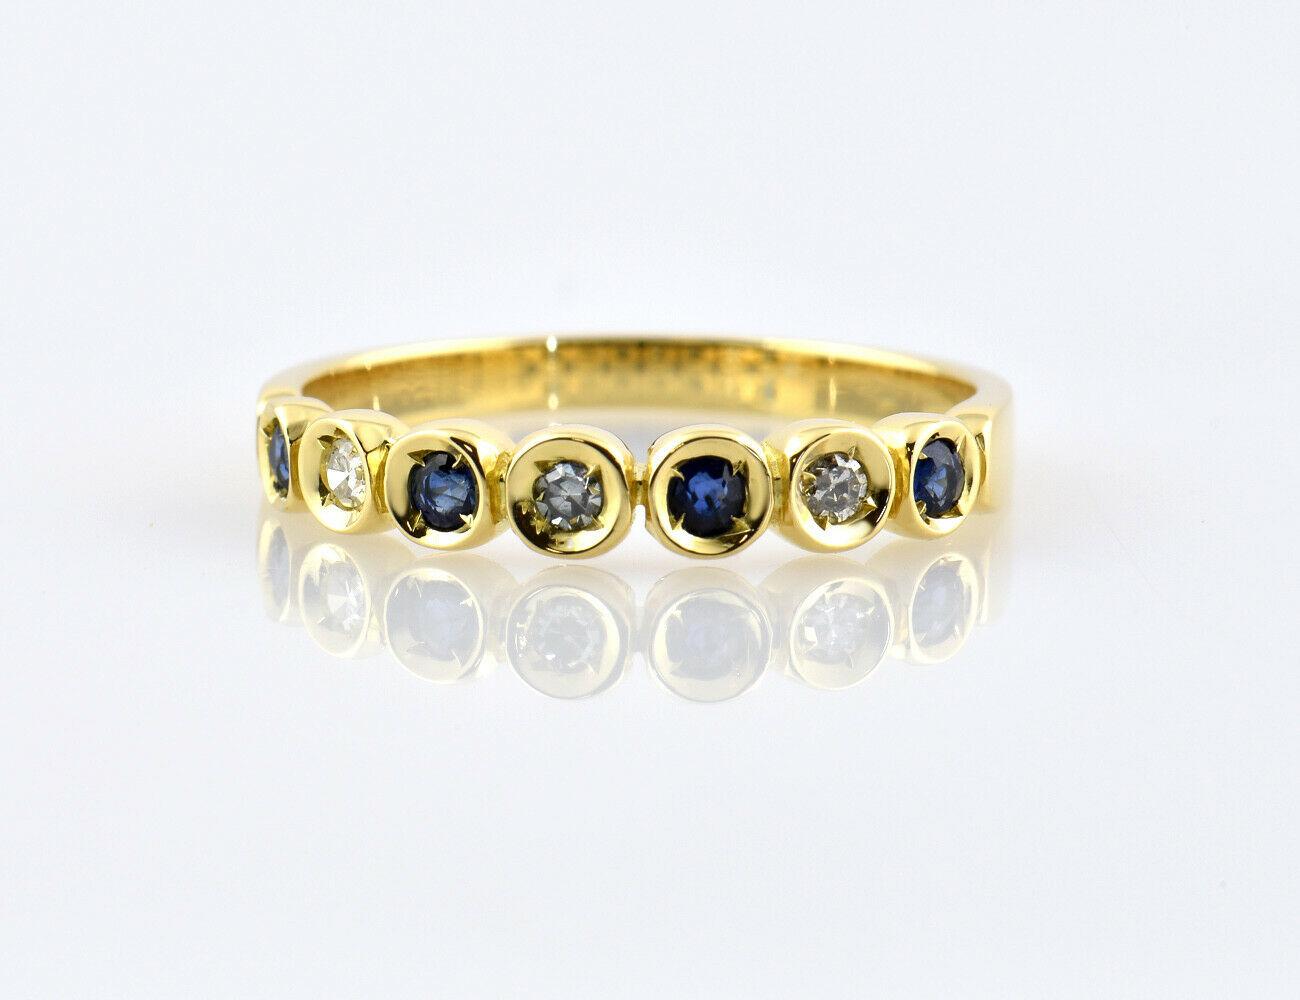 Saphir Diamantring 750/000 18 K Gelbgold 3 Brillanten zus. 0,05 ct